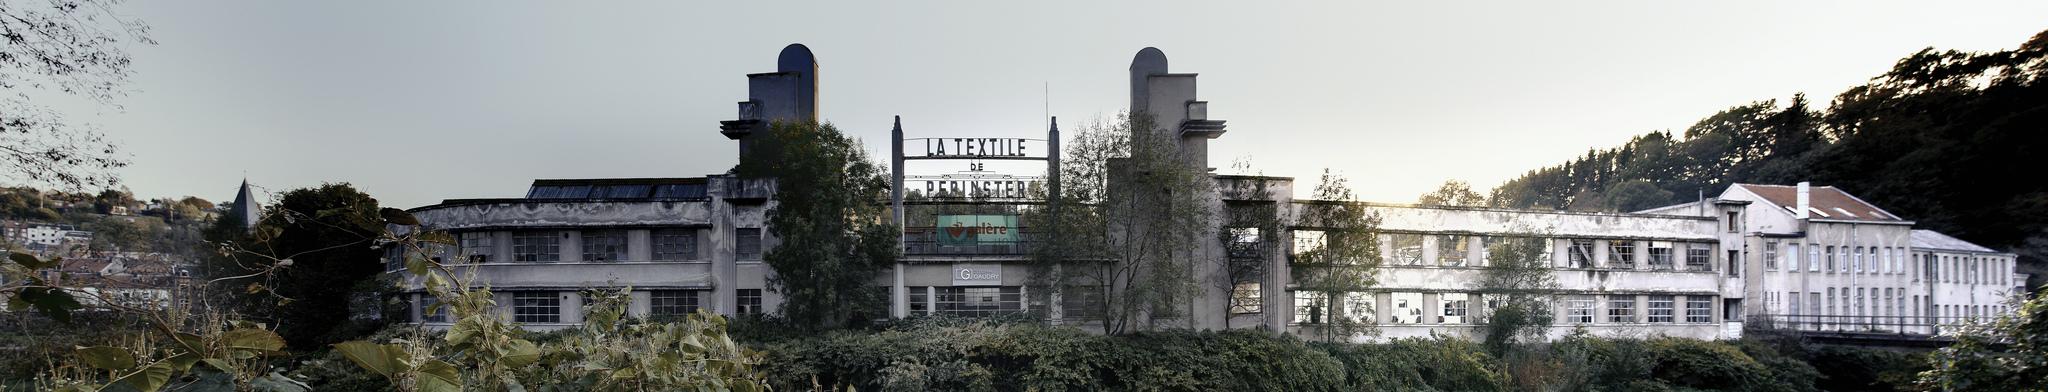 Projet Textile de Pepinster - panorama [Cliquez pour lancer le diaporama]